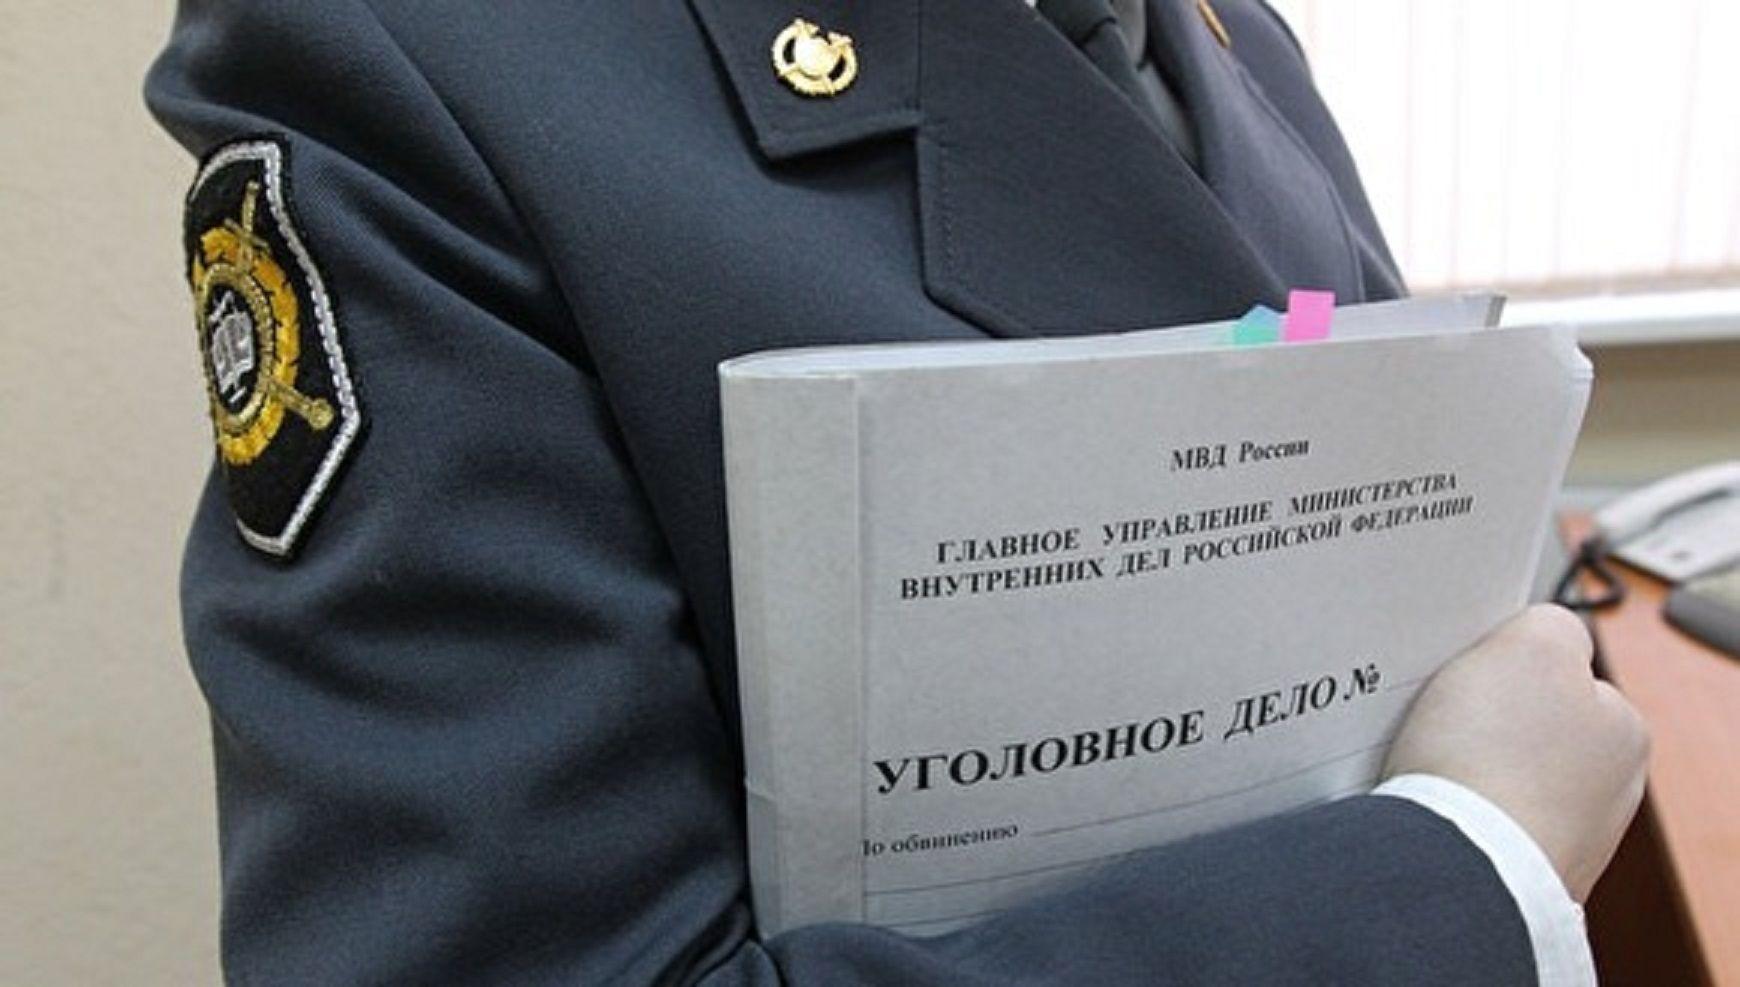 На Ставрополье следствие просит о помощи в установлении подозреваемого в убийстве женщины и её сына